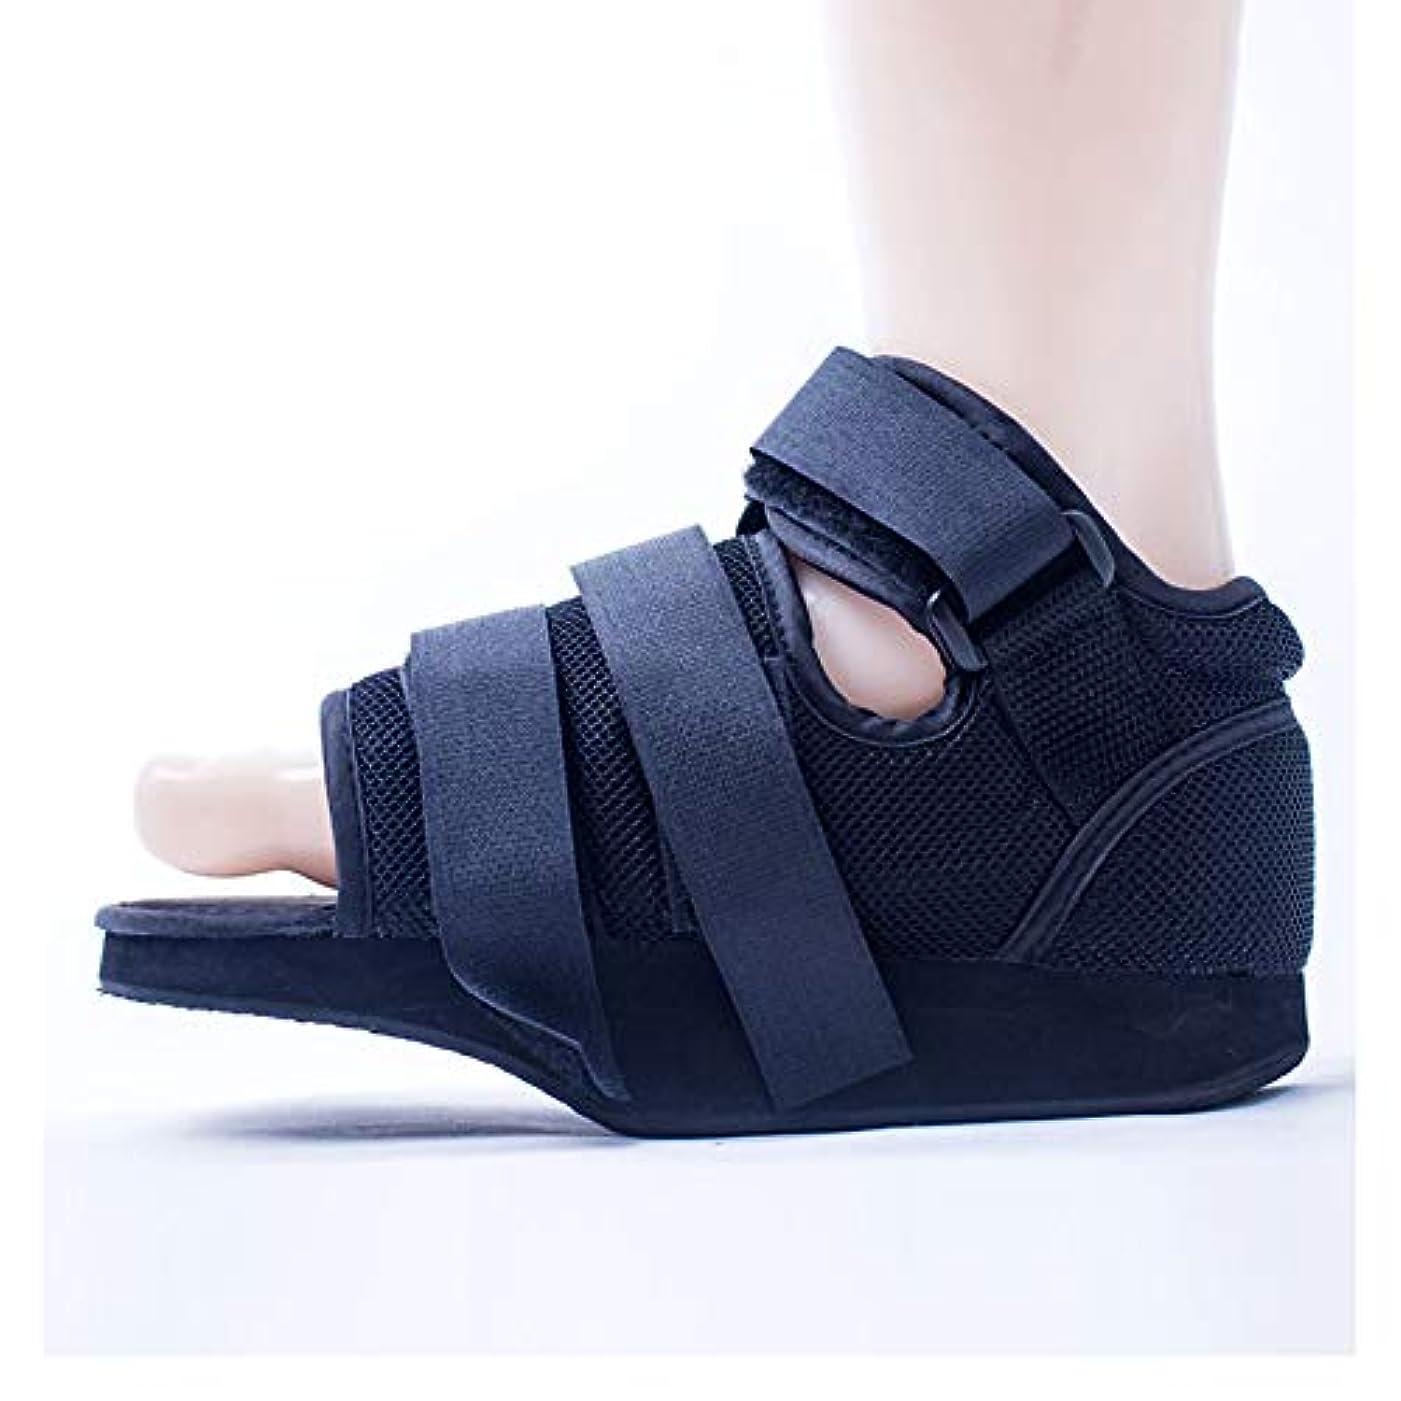 殉教者彼女は用心深い壊れたつま先/足の骨折のための術後スクエアトゥウォーキングシューズ - ボトムキャストシューズ術後の靴 - 調節可能な医療ウォーキングブーツ (Size : L)